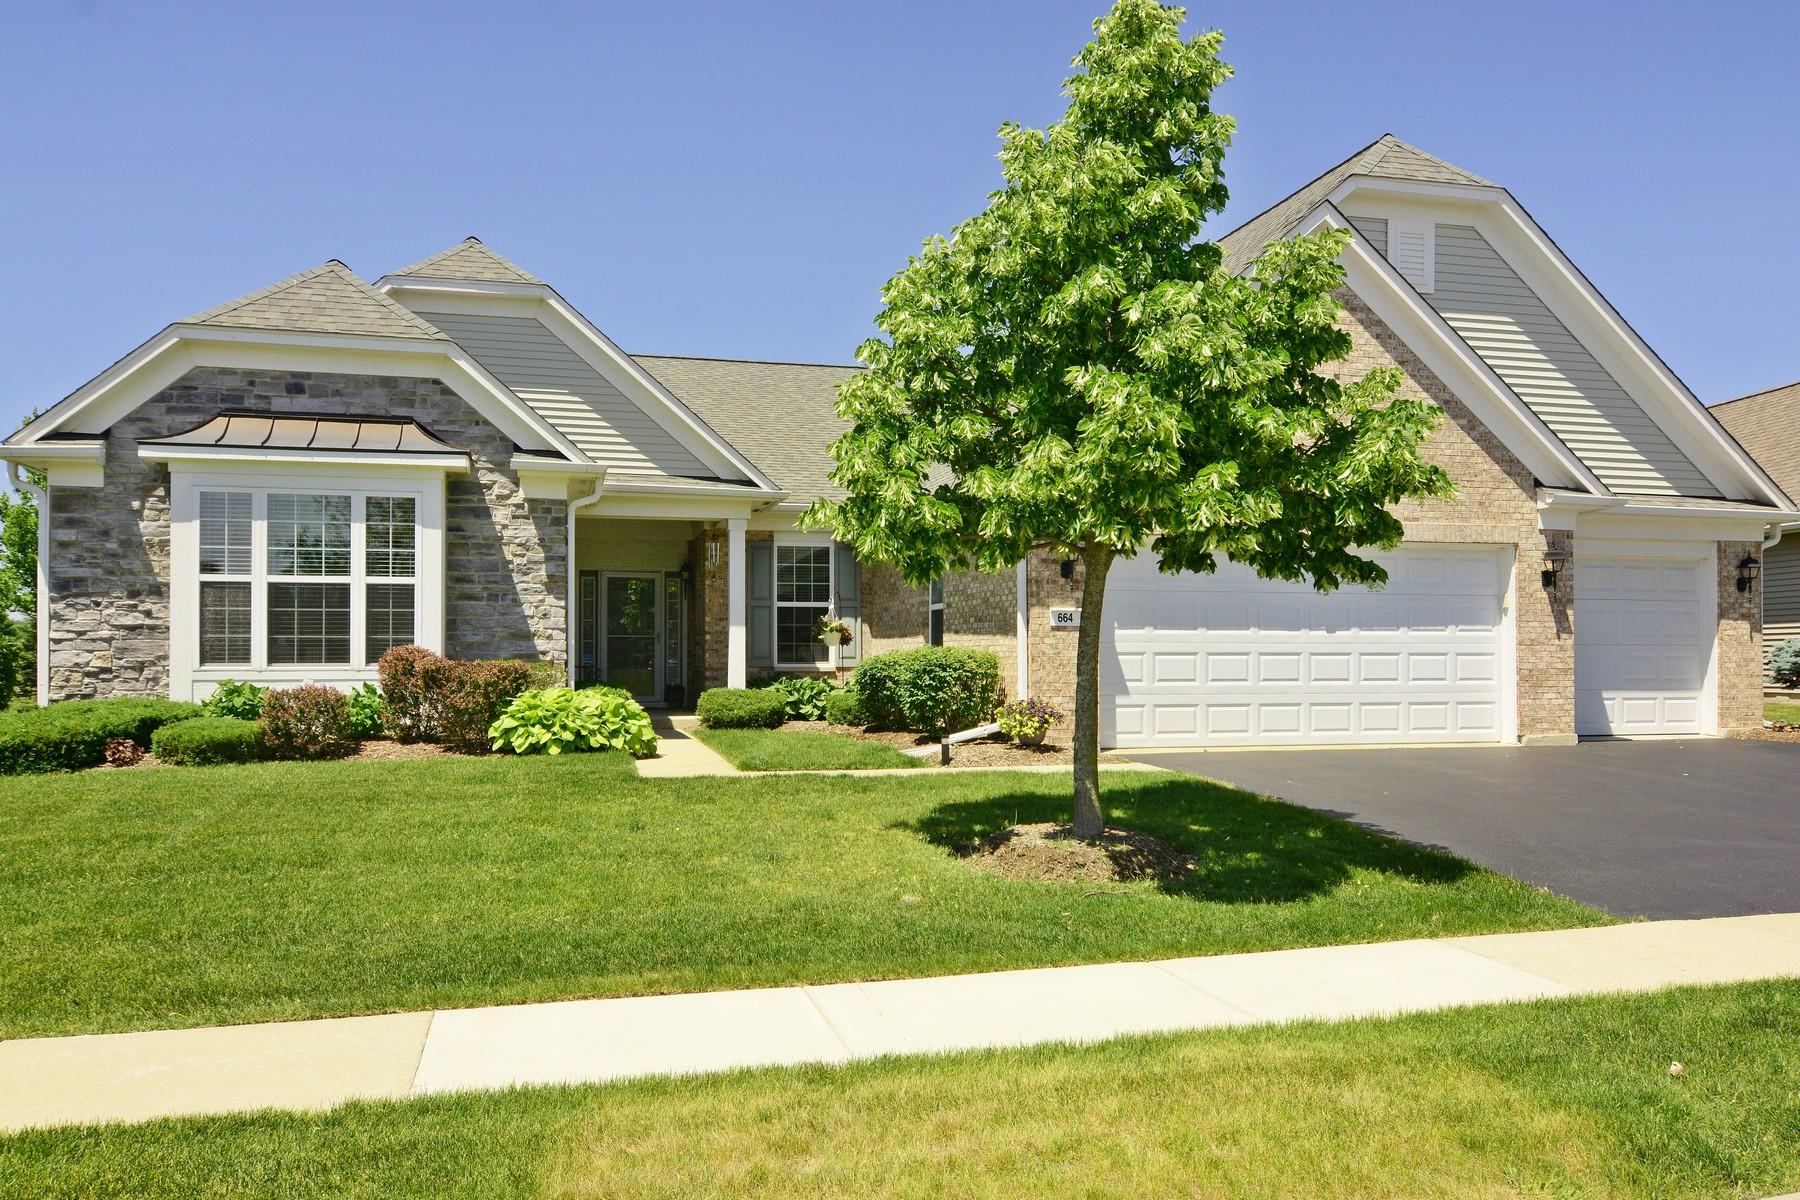 Maison unifamiliale pour l Vente à Awesome Ranch 664 Tuscan View Elgin, Illinois, 60124 États-Unis